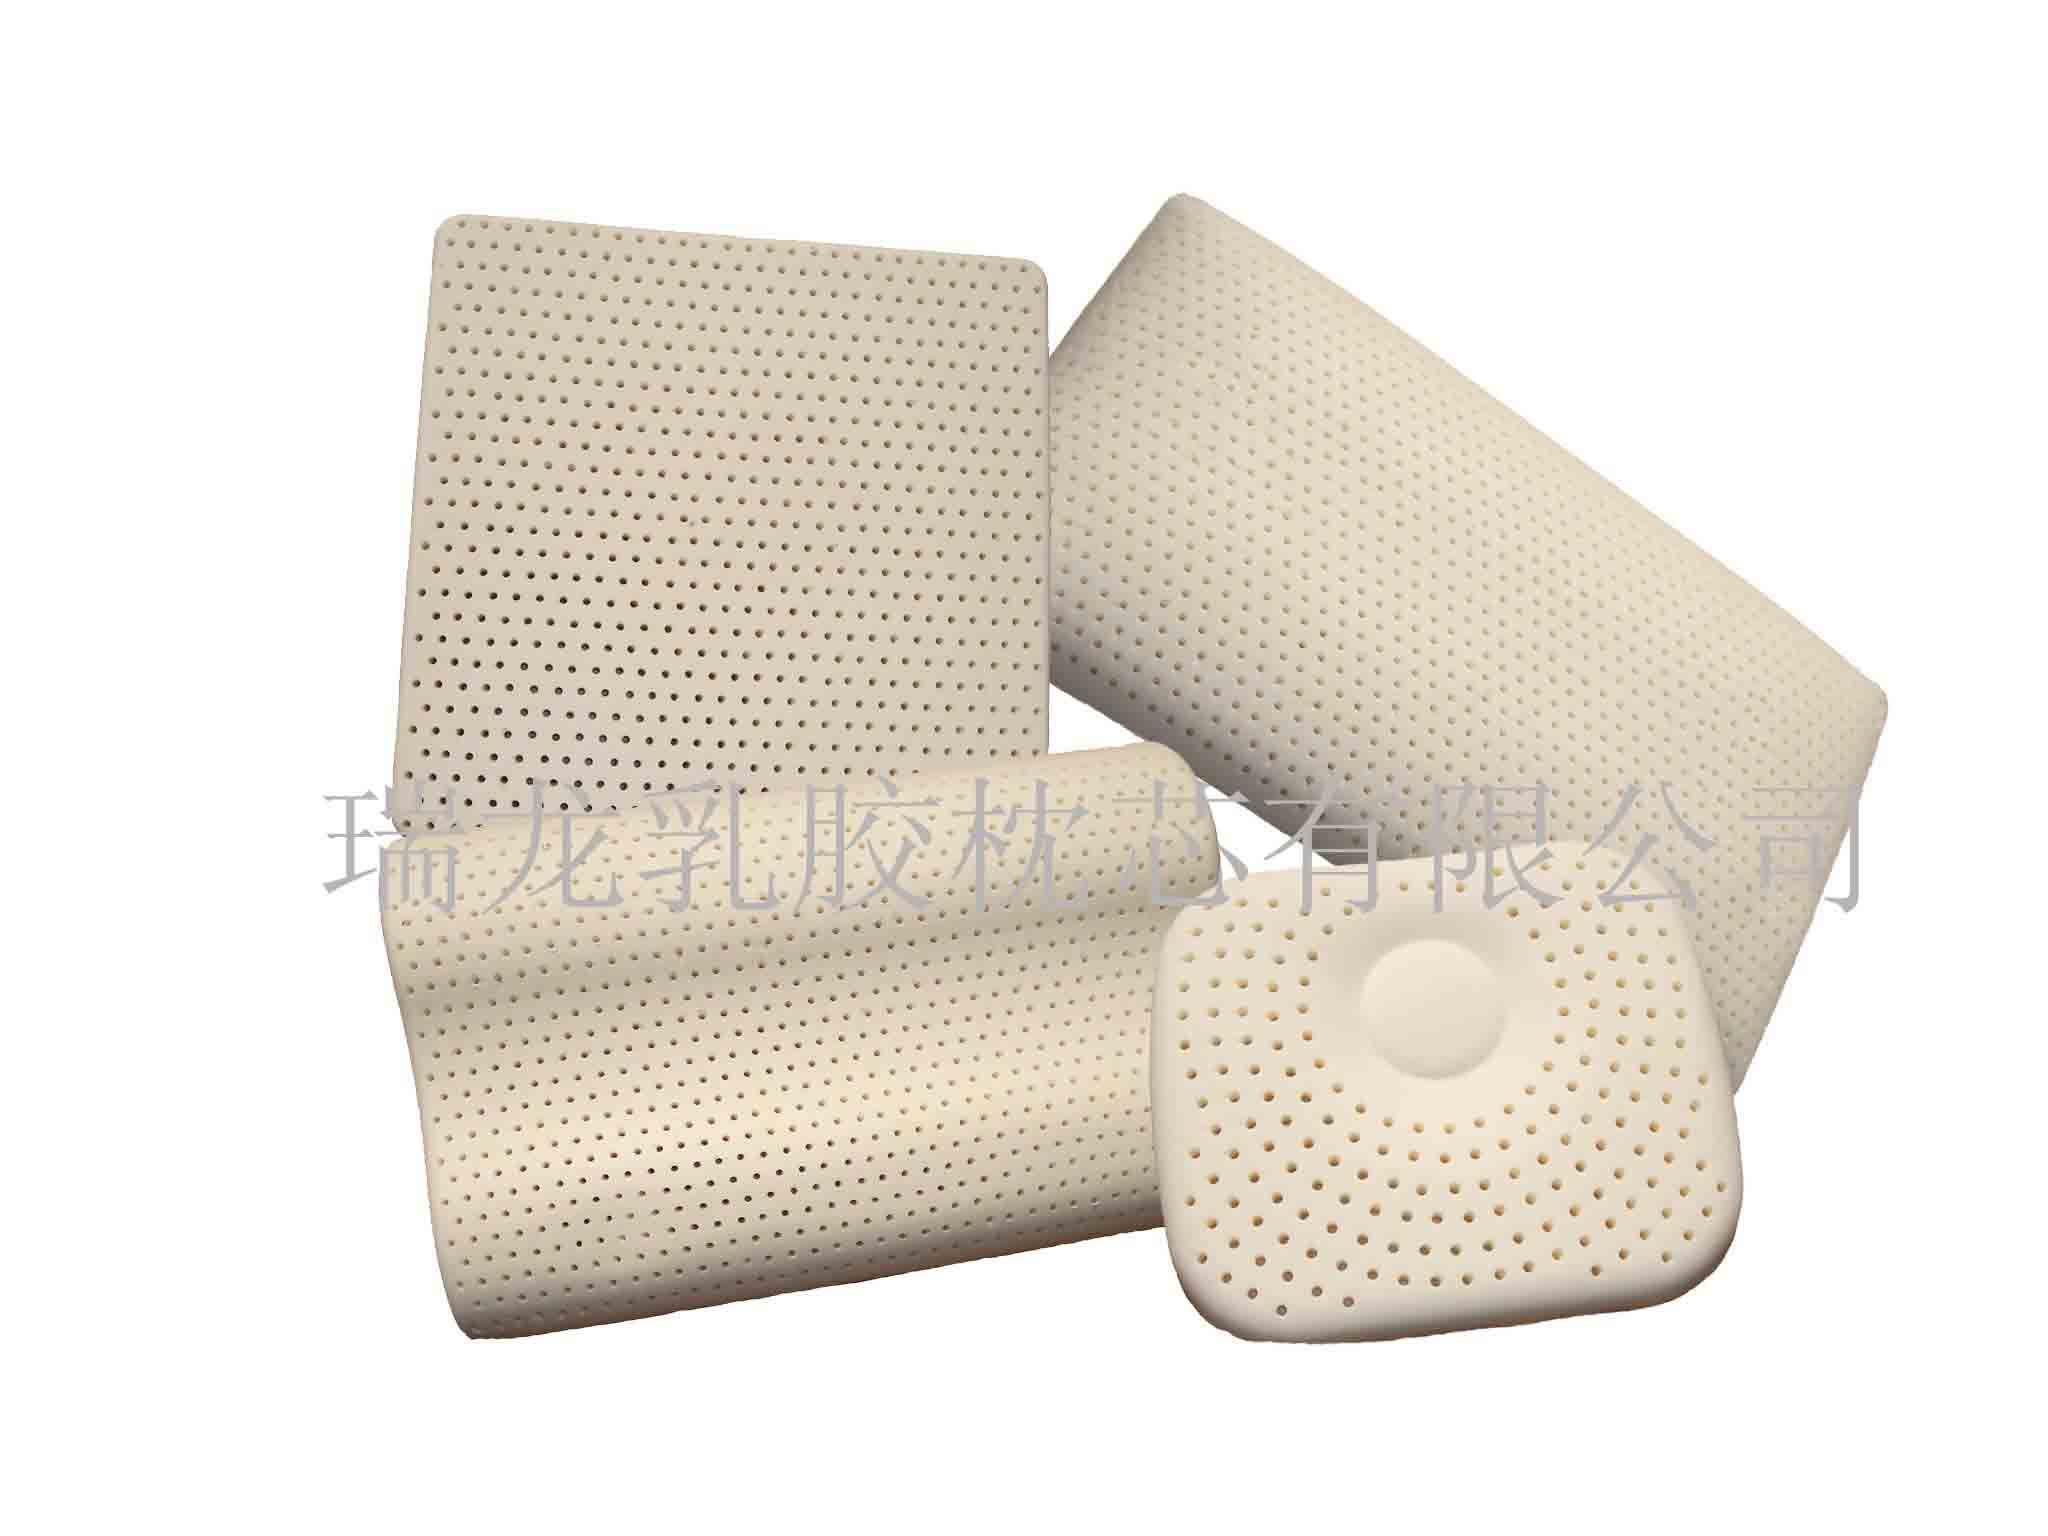 Foam Latex Pillow 9